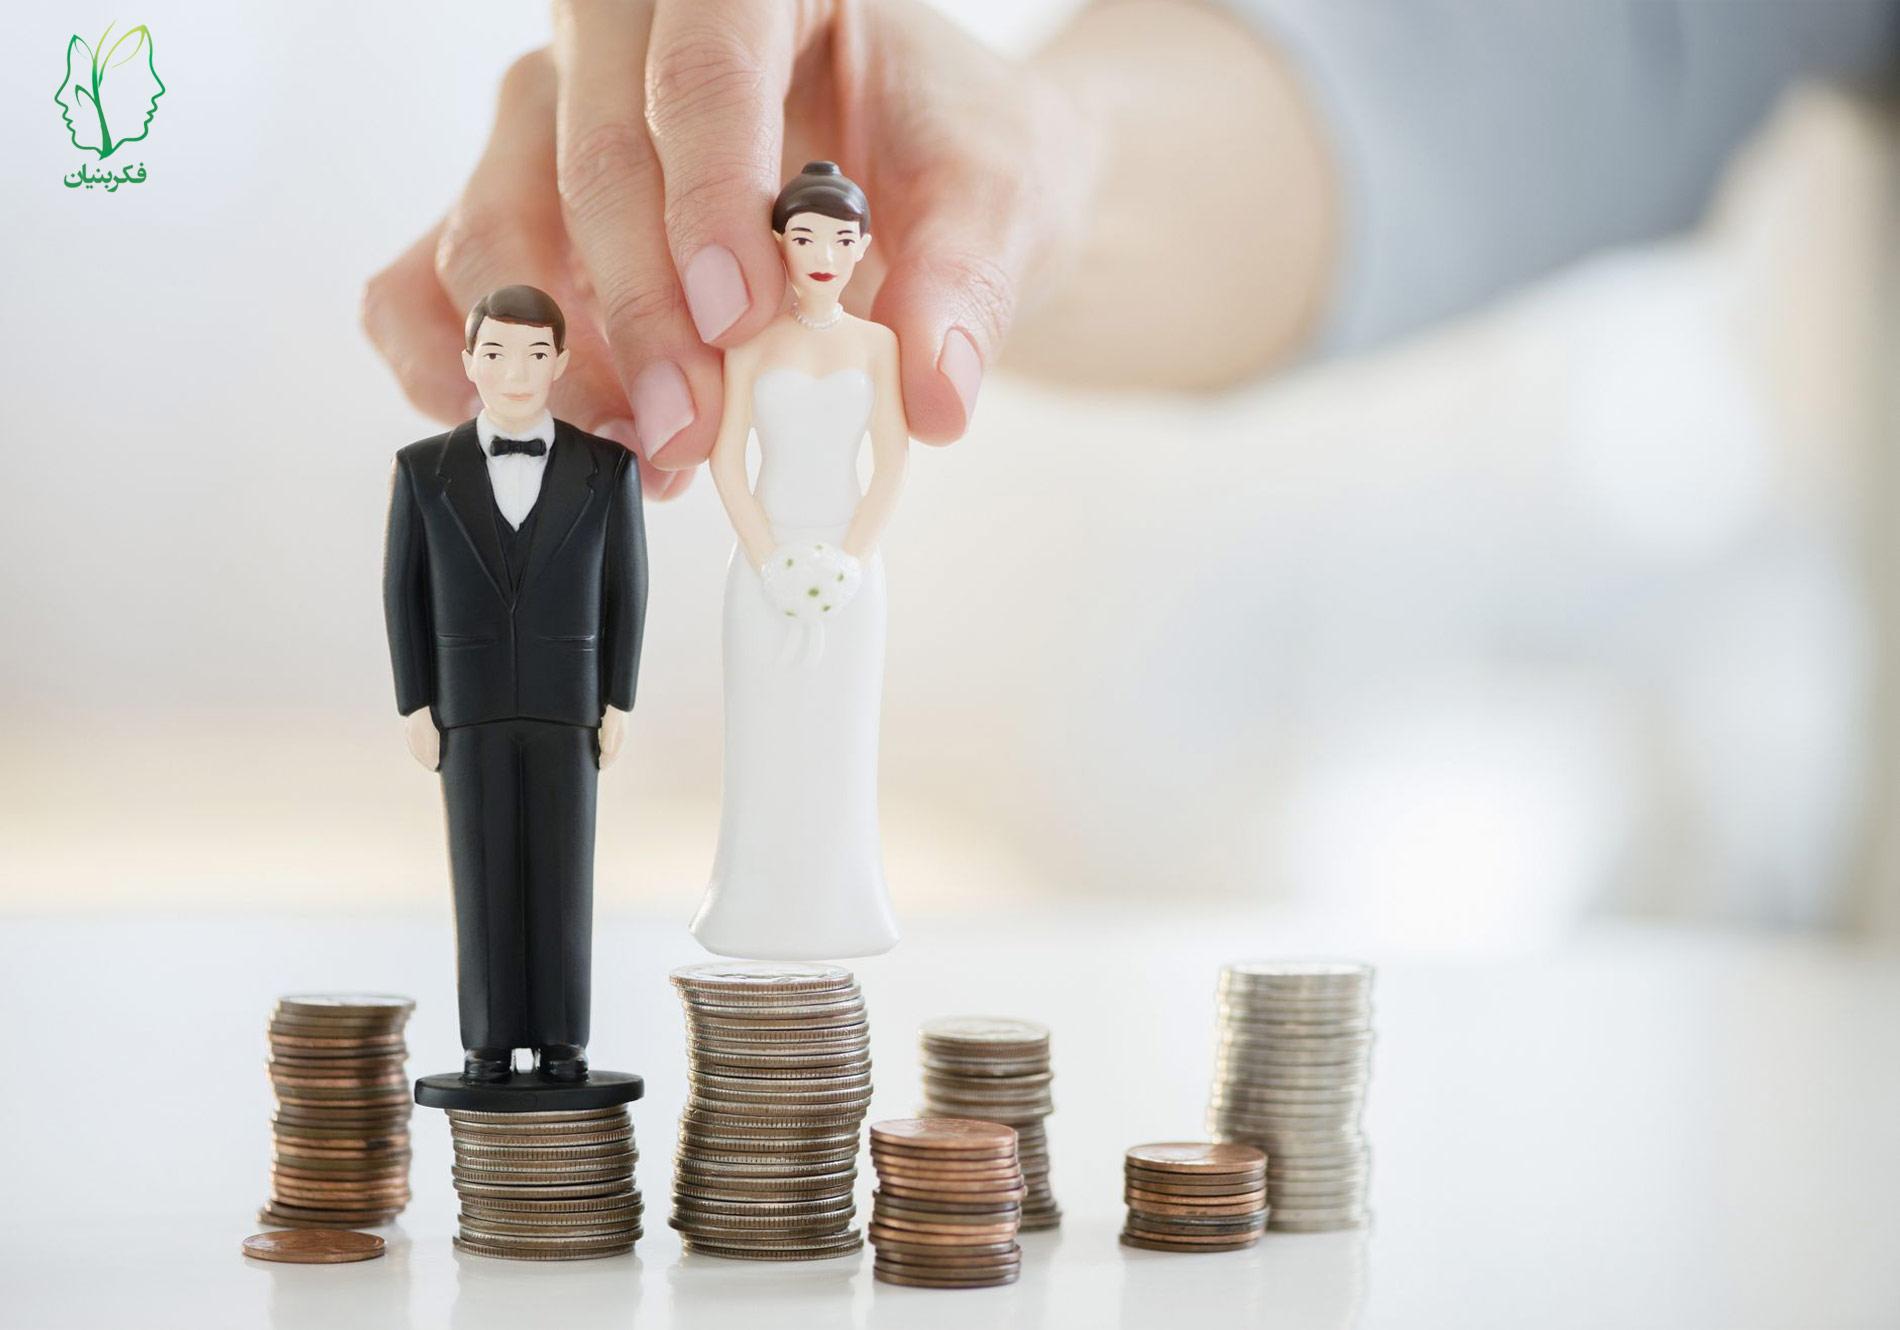 دردسرهای مالی رایج در بین زوجهای متأهل